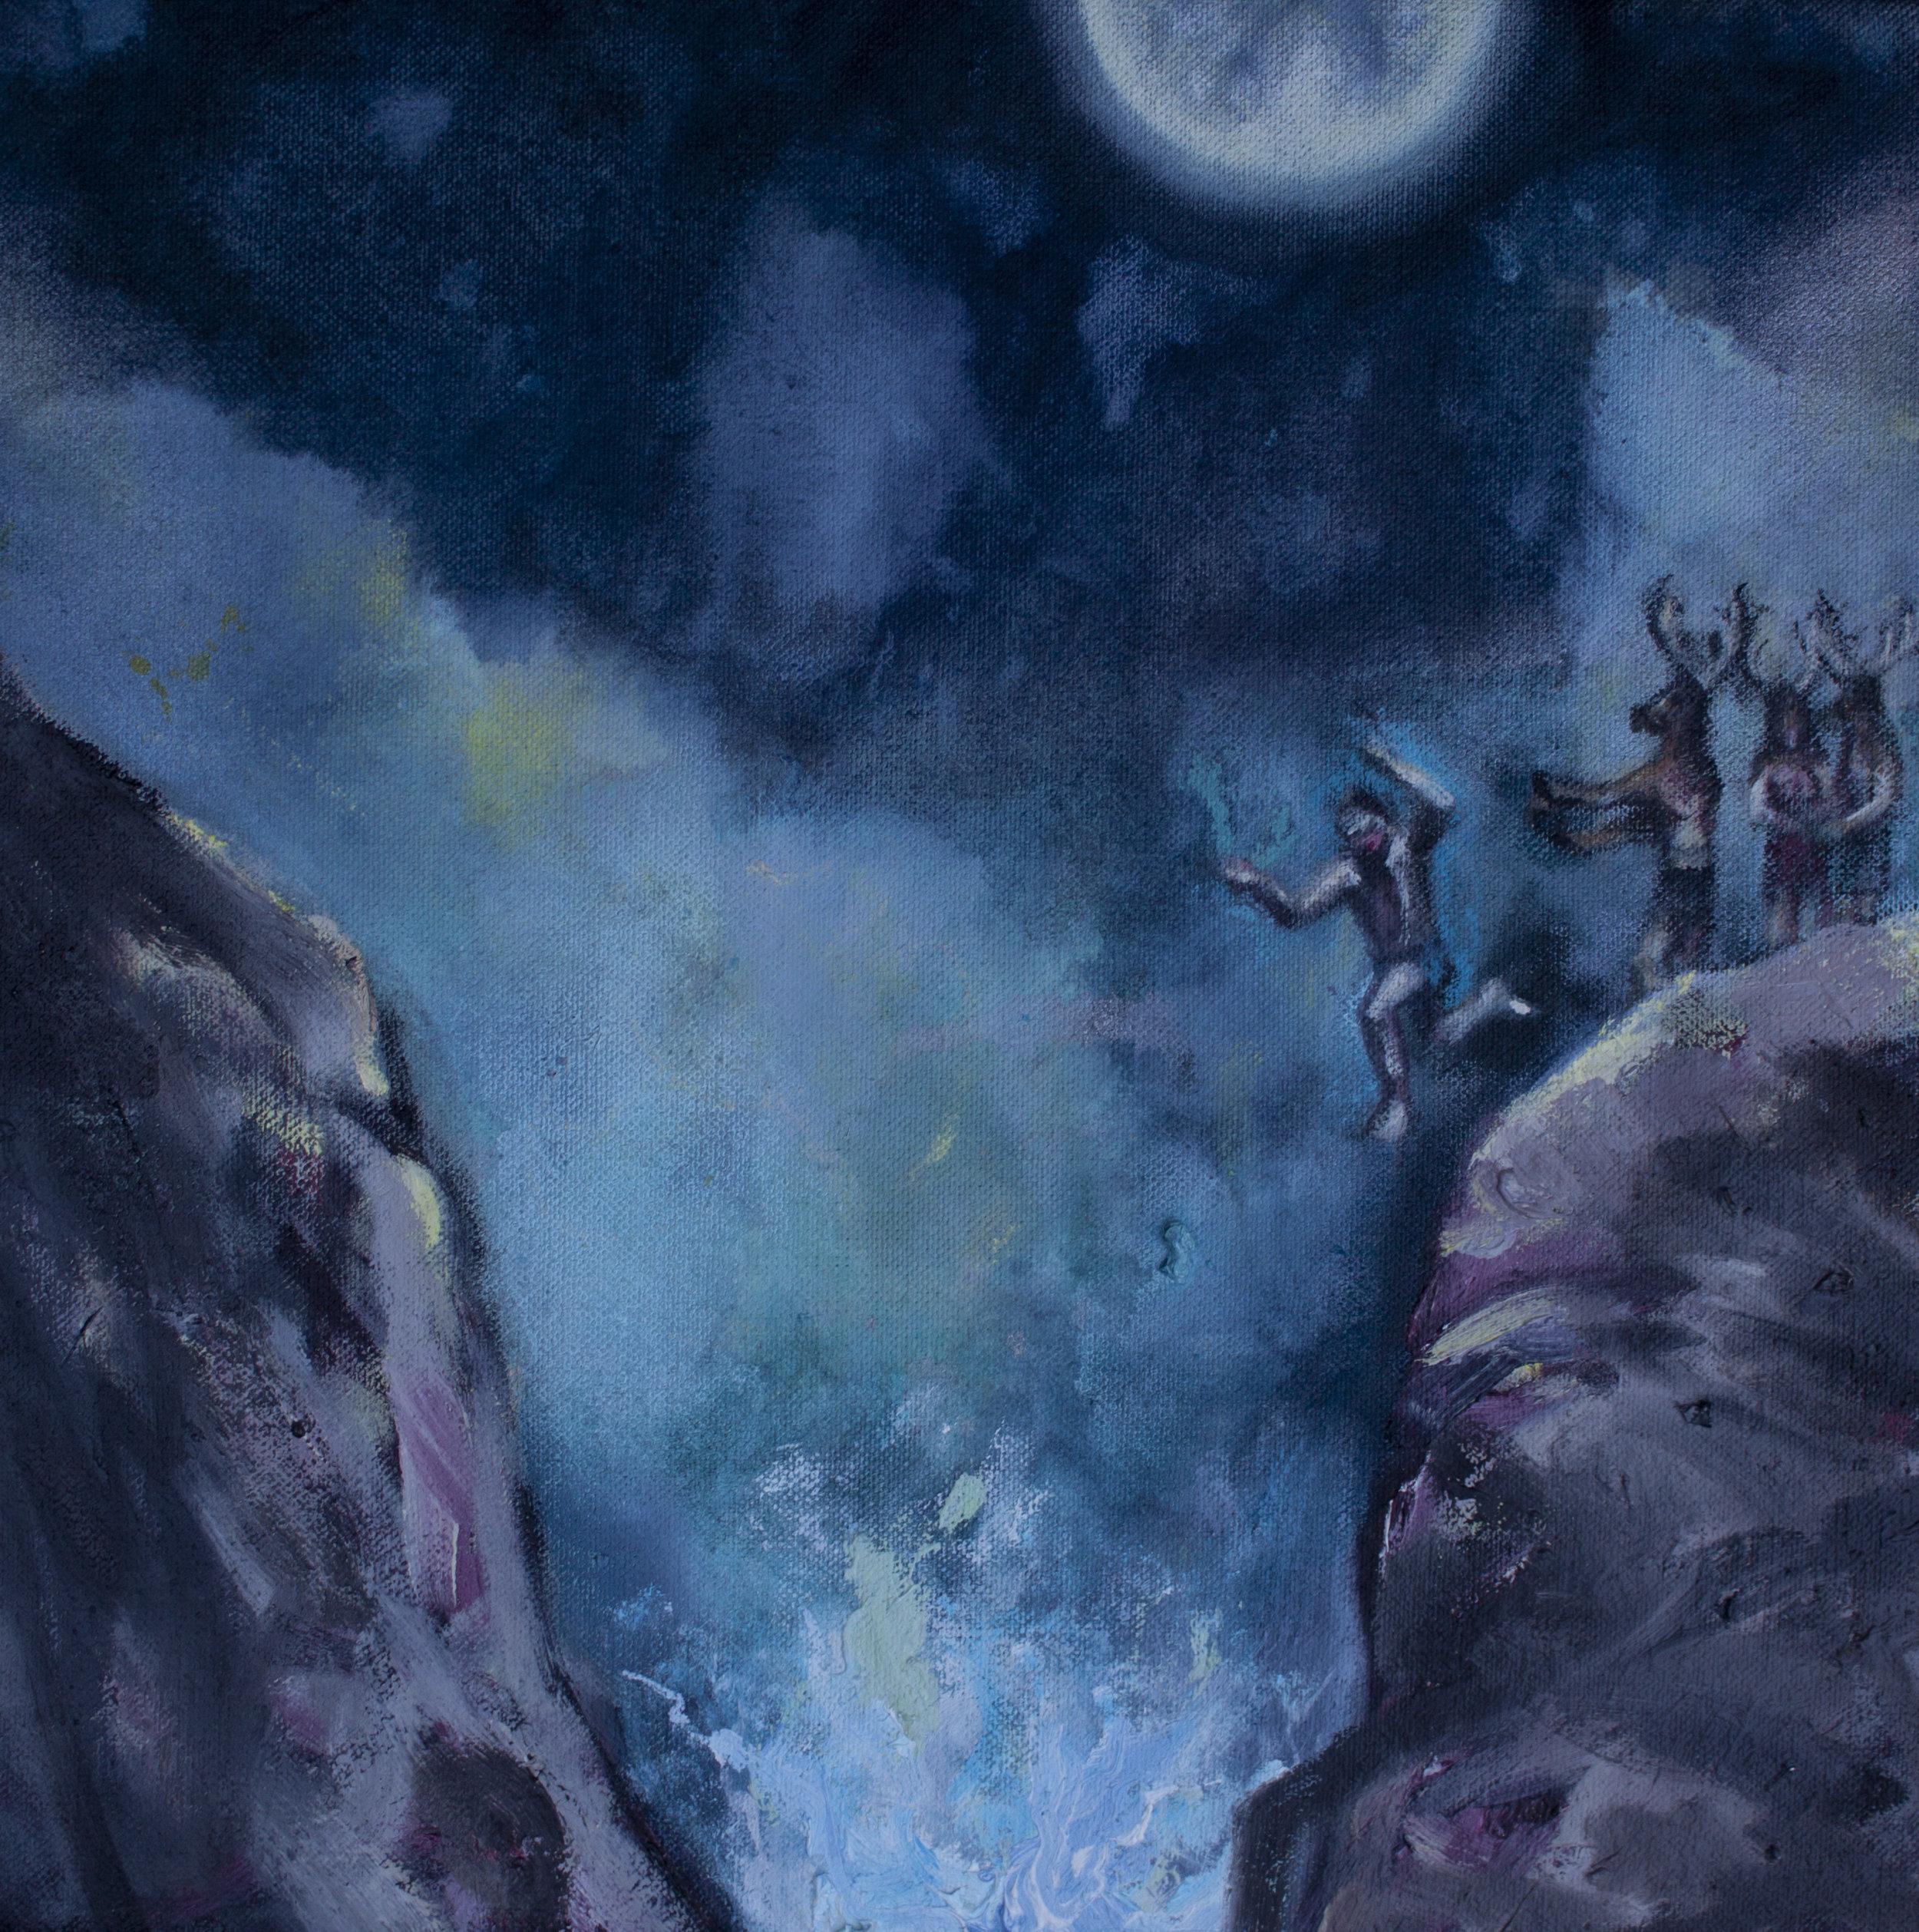 Moonlight Jumpers